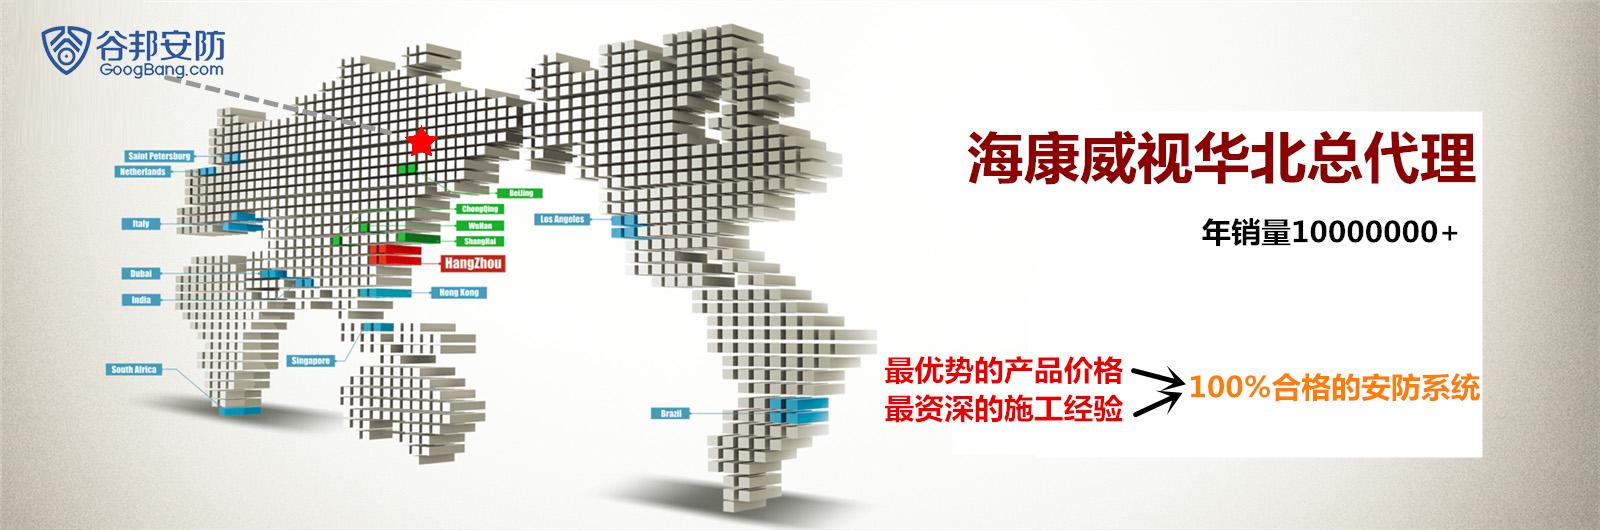 谷邦安防的身影遍布全国,10000+工程案例见证